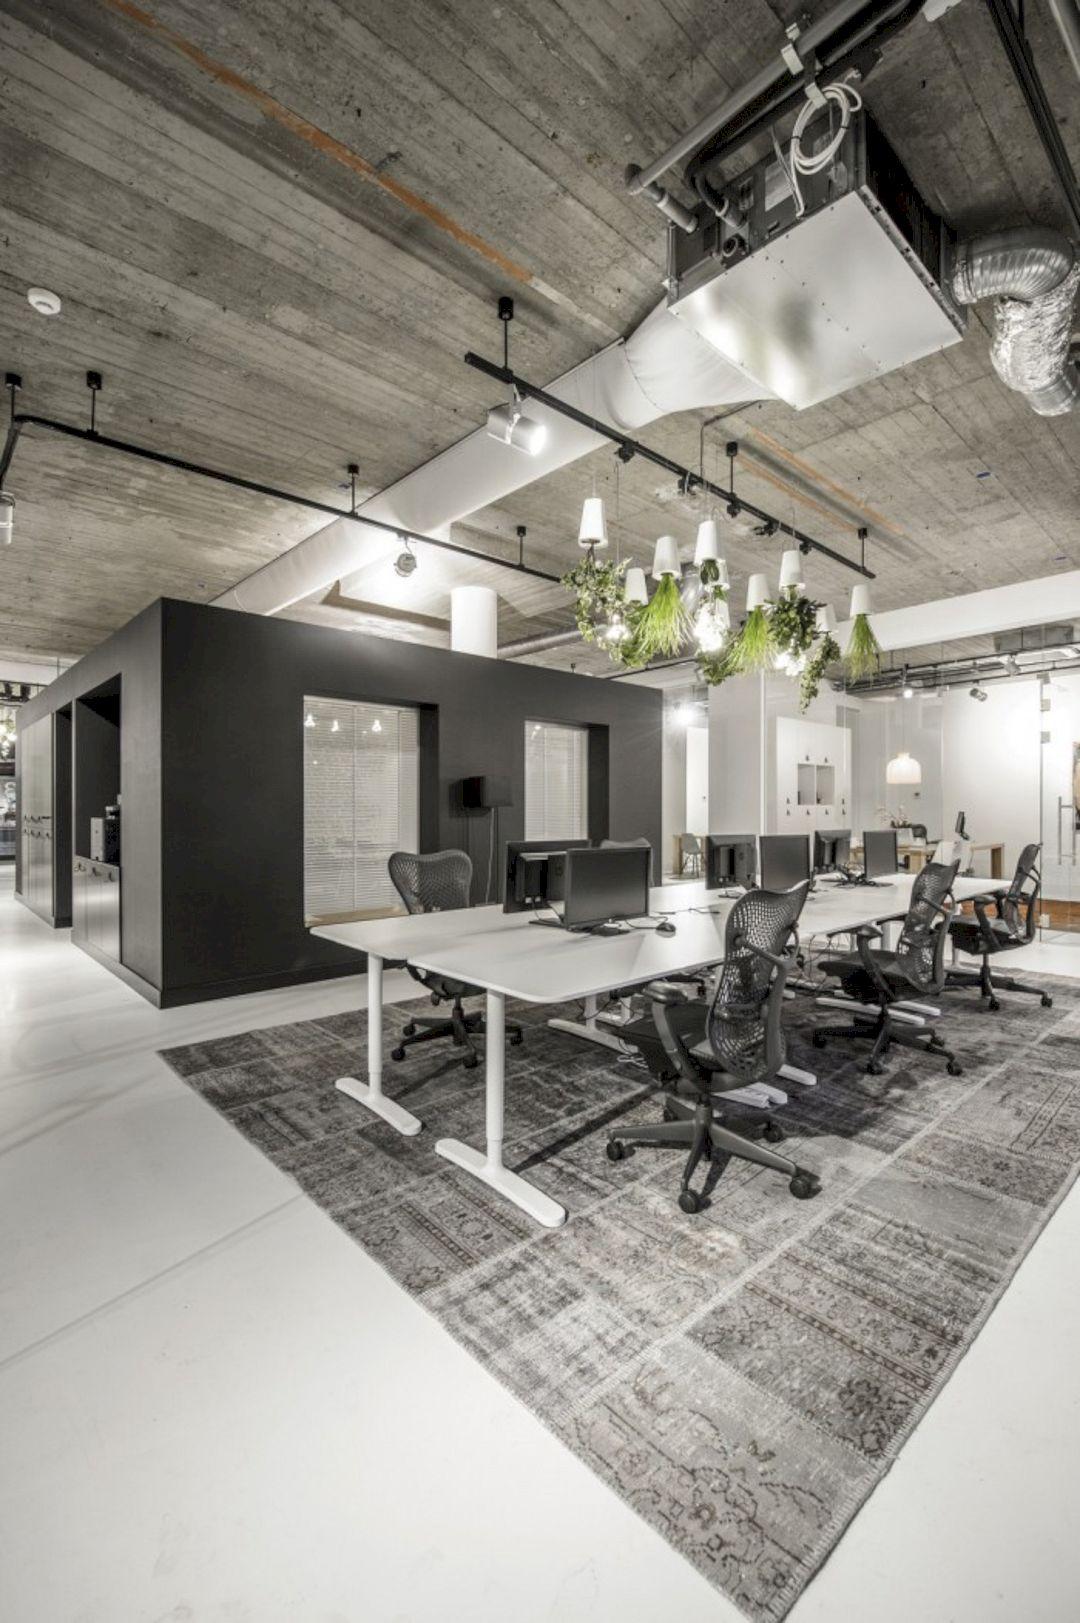 office interior design (15)